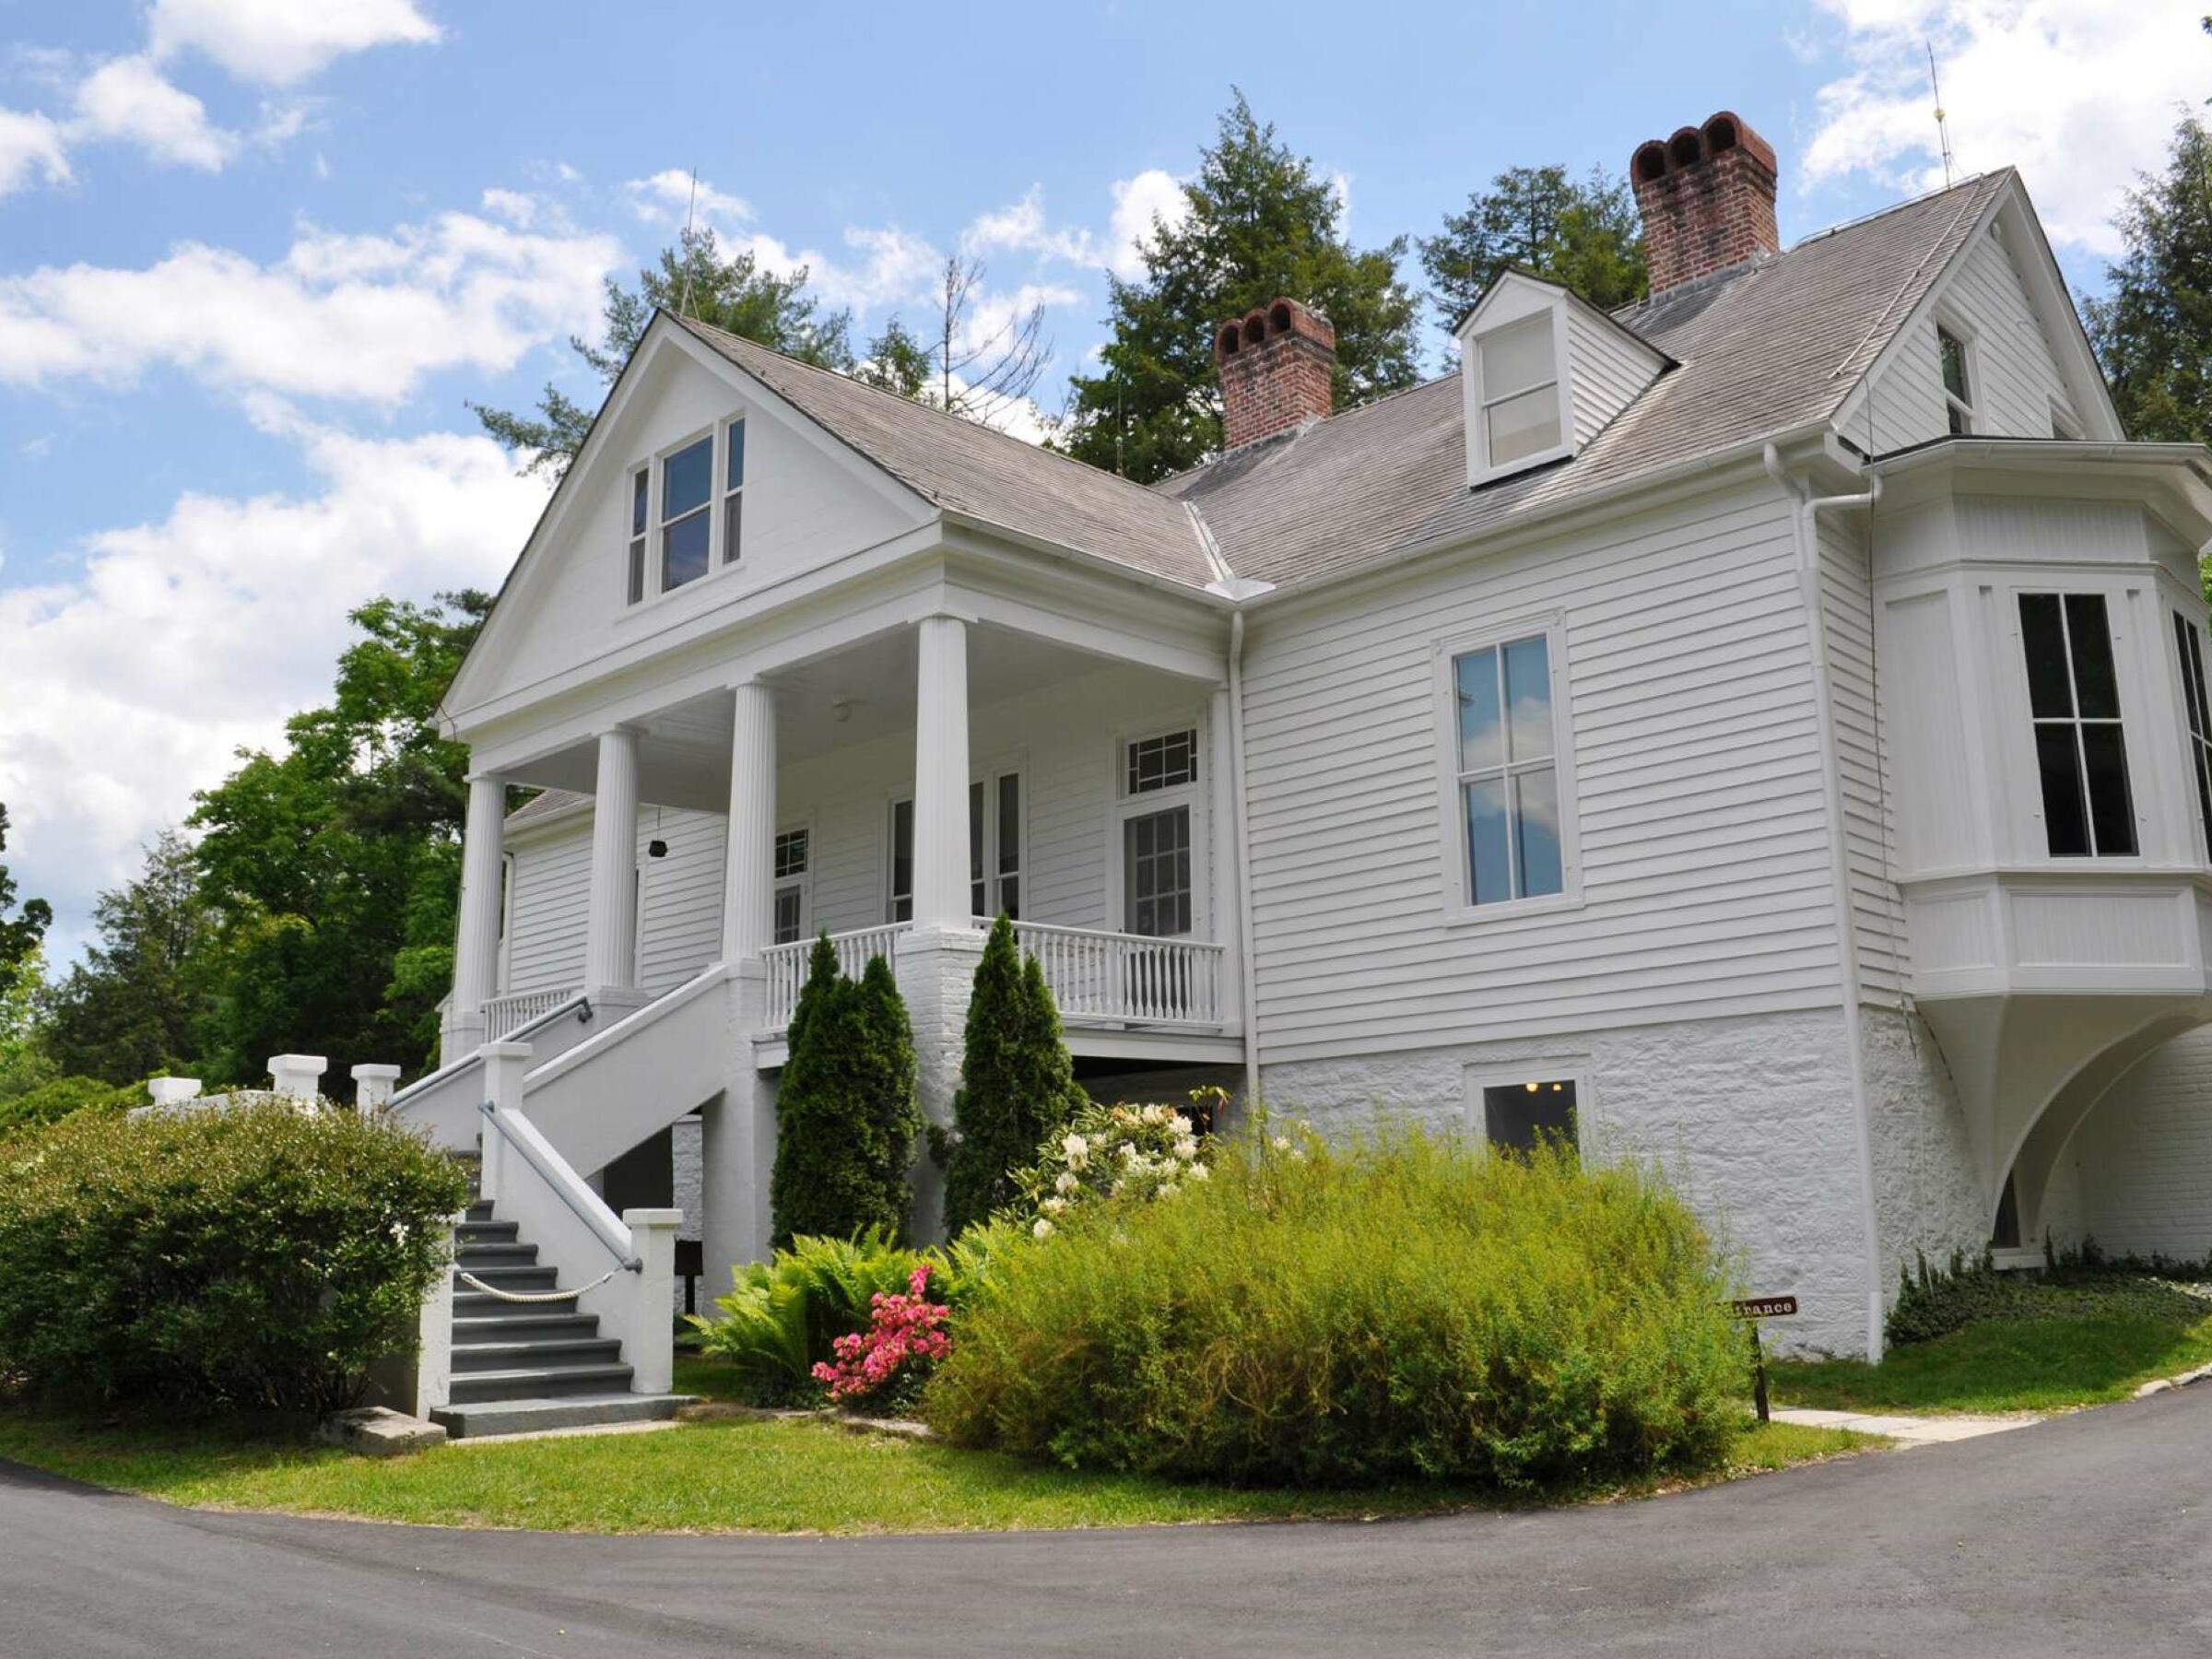 Exterior view of Carl Sandburg Home near Mountain Inn & Suites